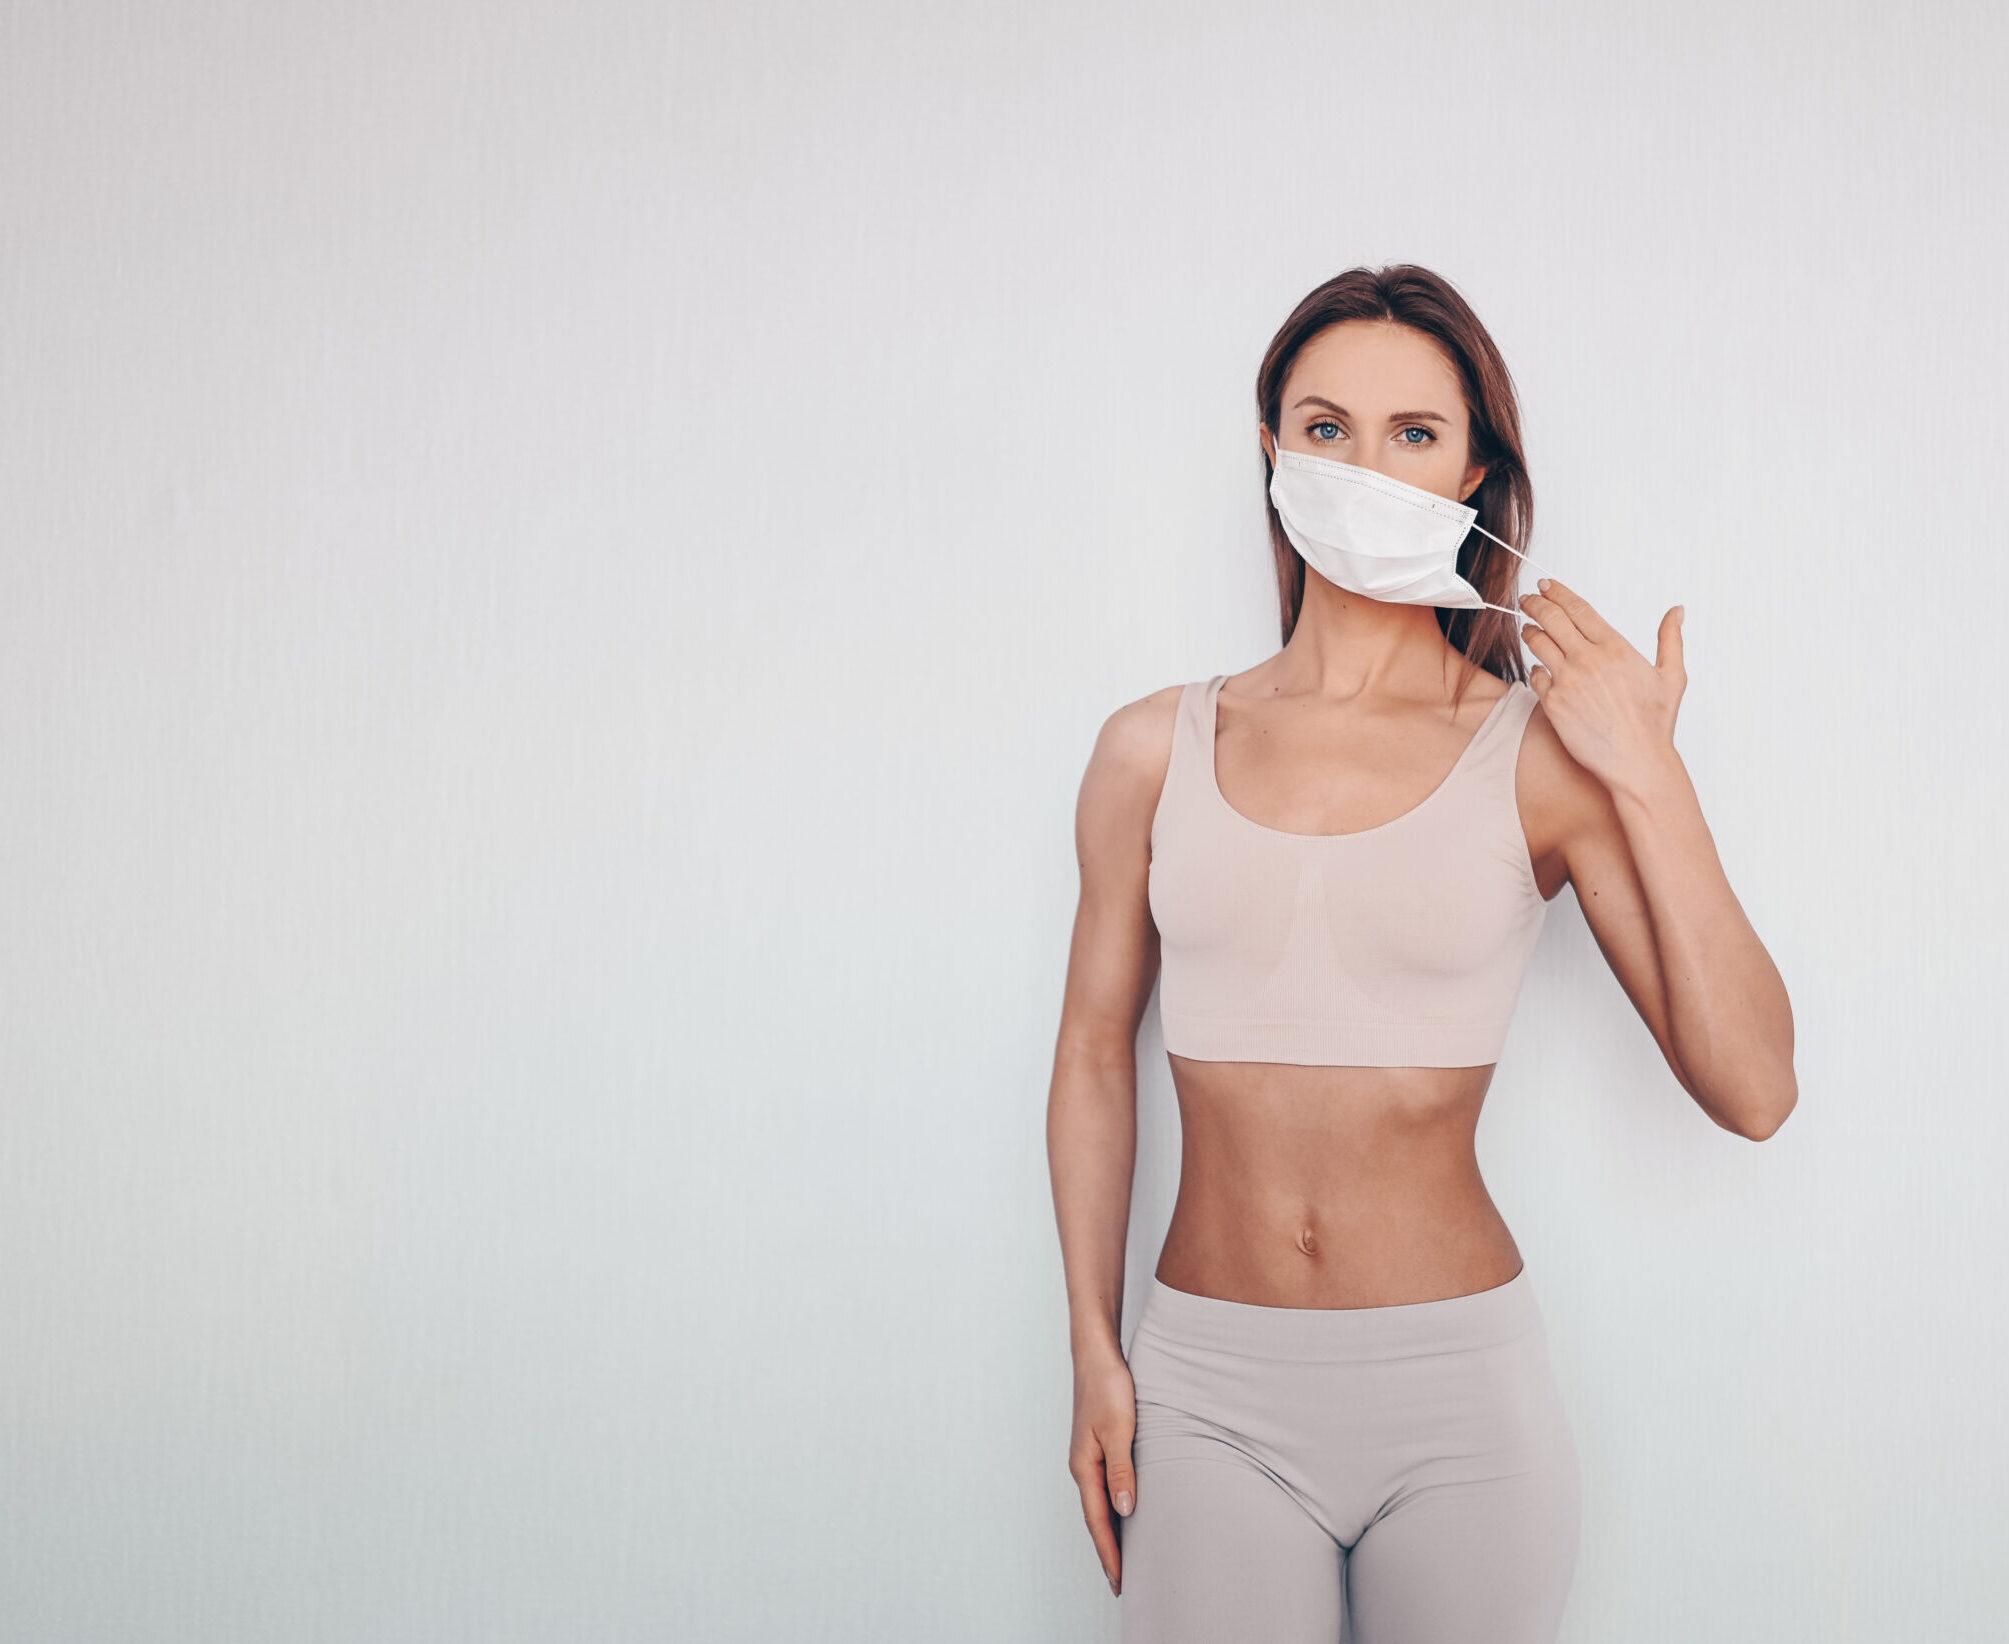 Oprema za vežbanje: Patike, odeća, peškir i maska